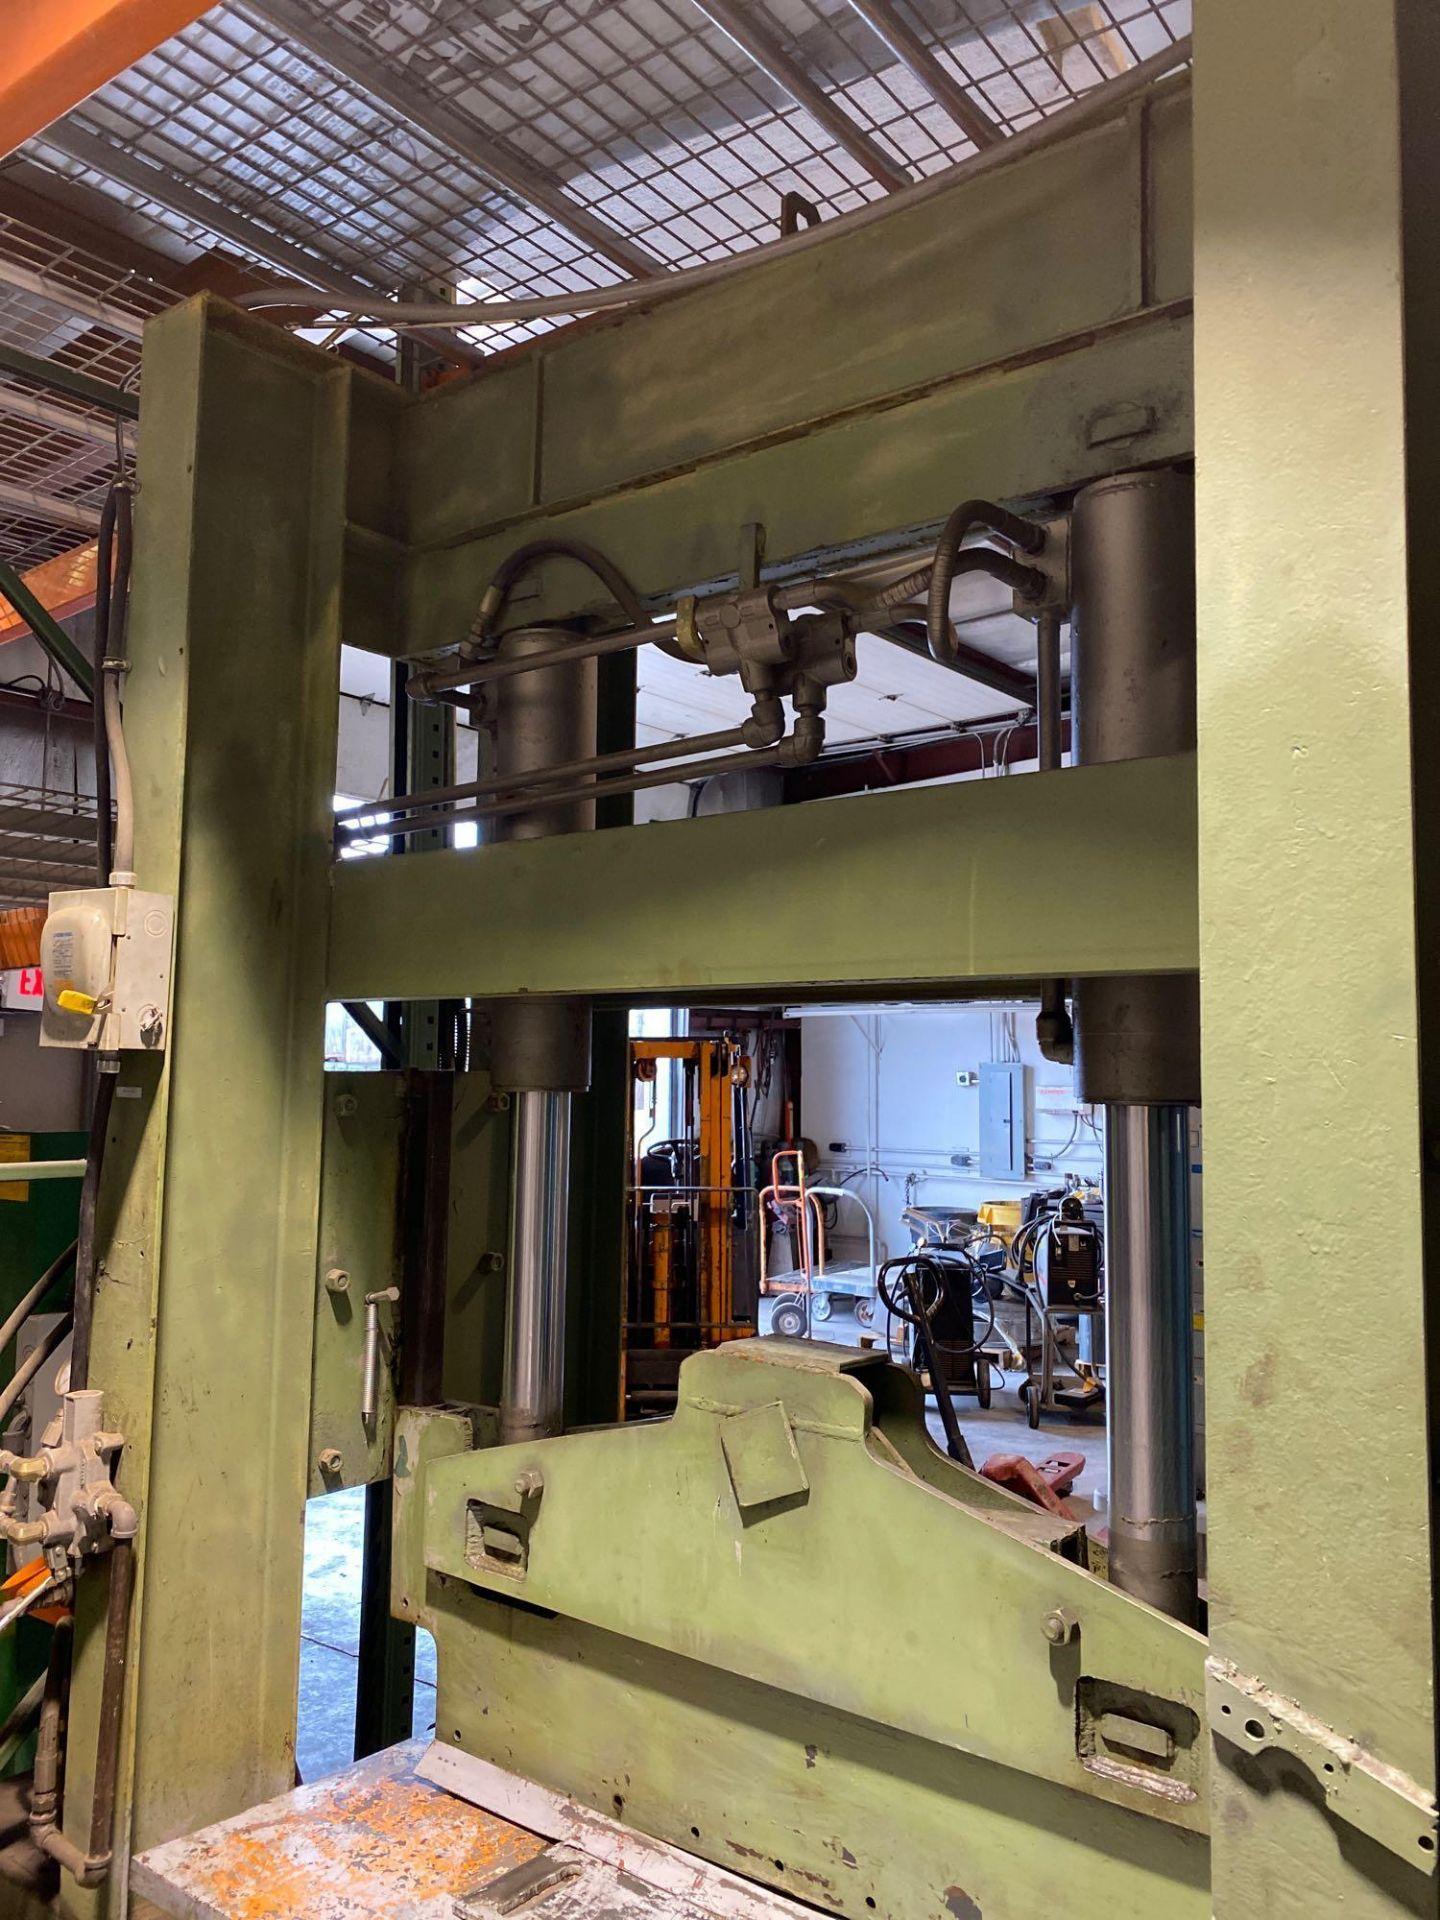 60 + Metal Press Brake - Image 5 of 10